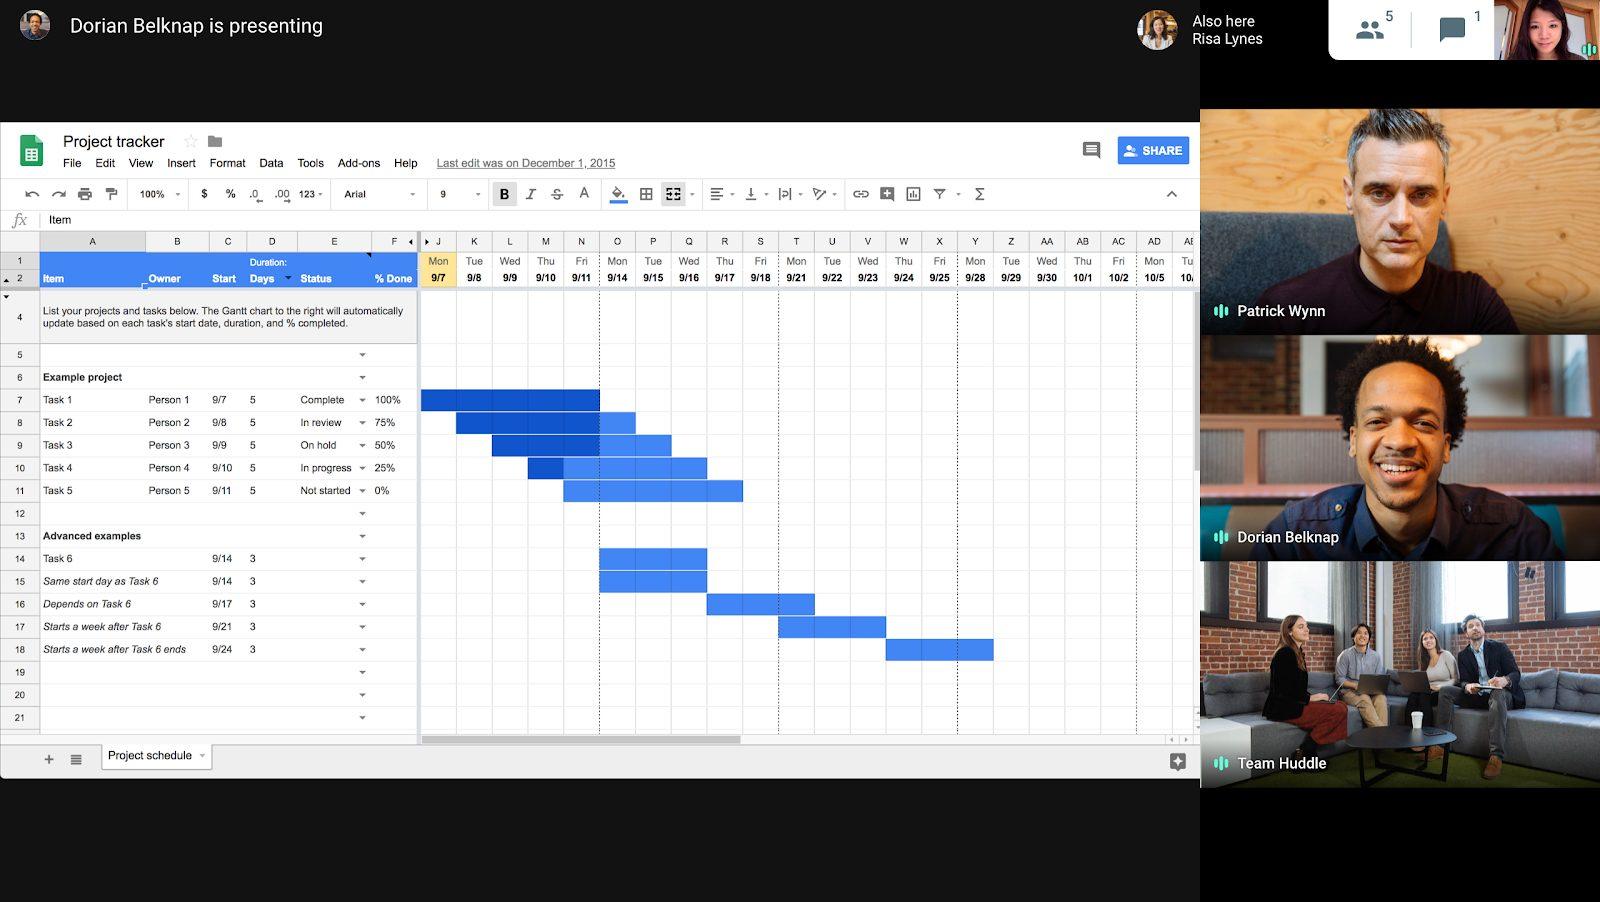 Cách mở full màn hình google meet trên điện thoại và máy tính